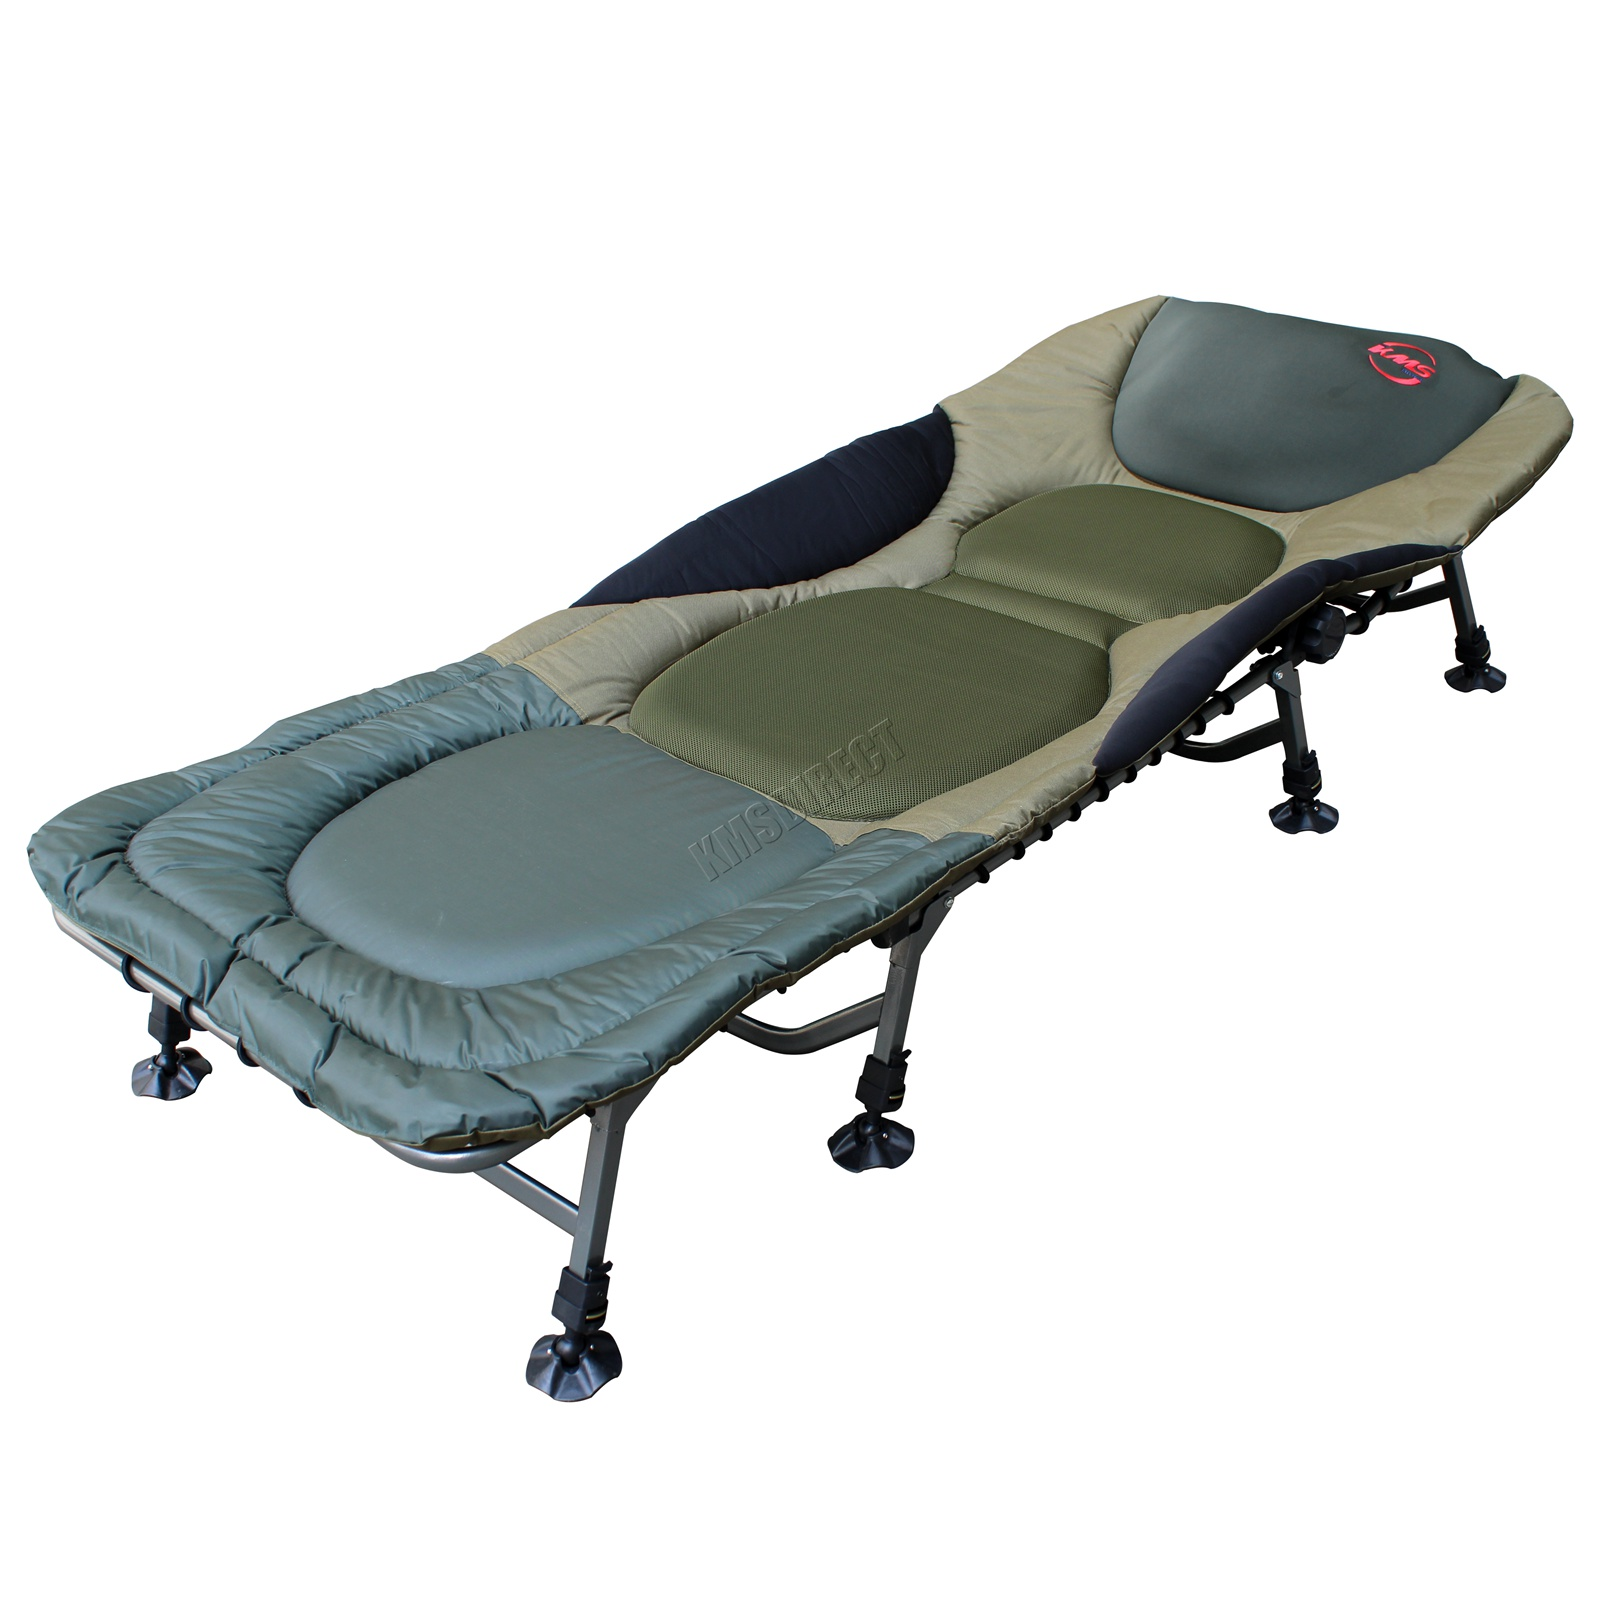 team carpfishing Level Chair Premium Chair